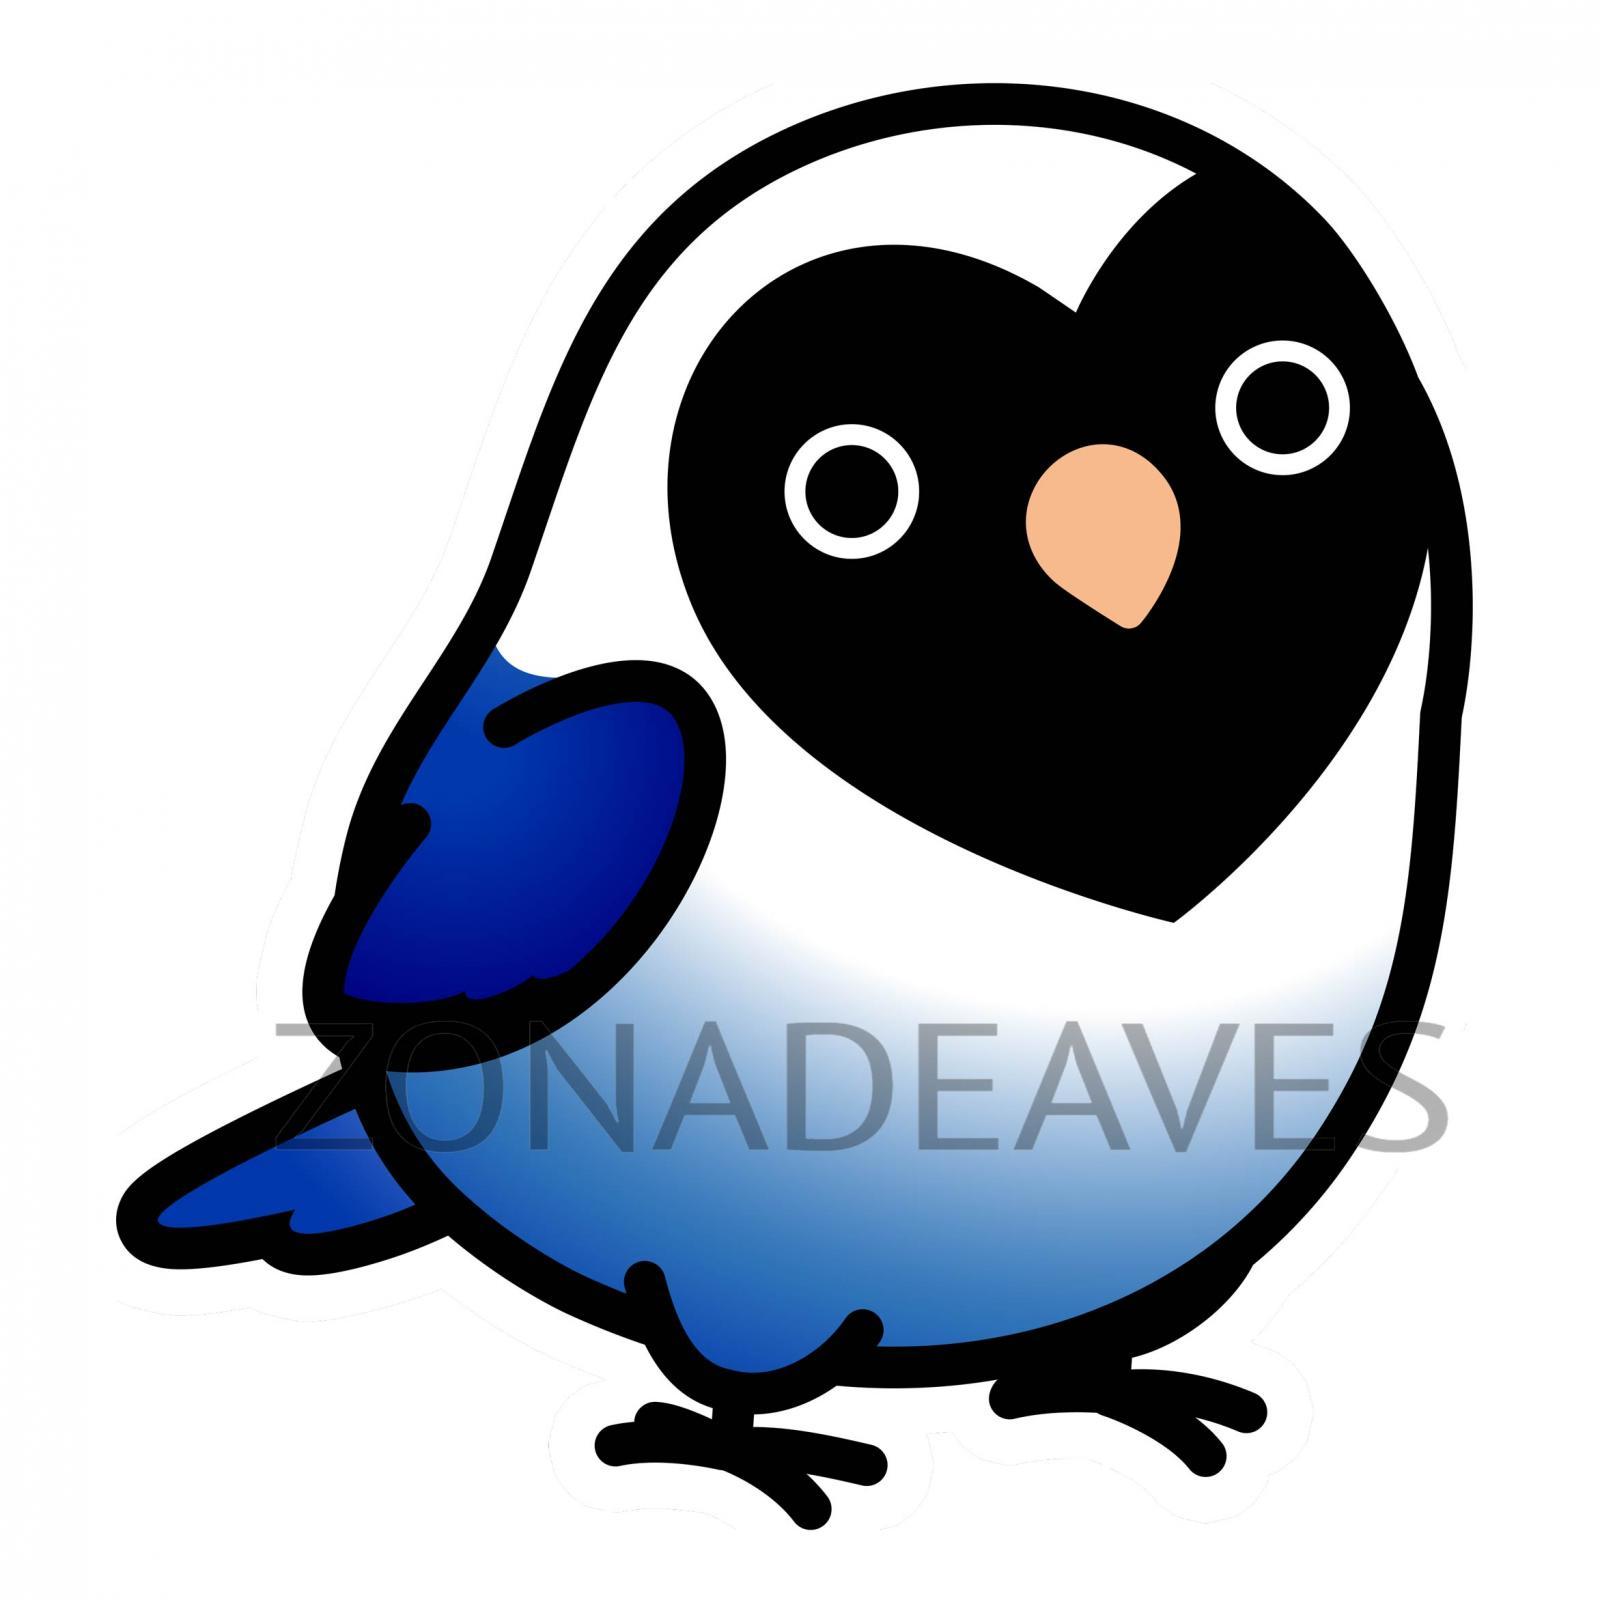 Pegatina Agaporni Personata azul